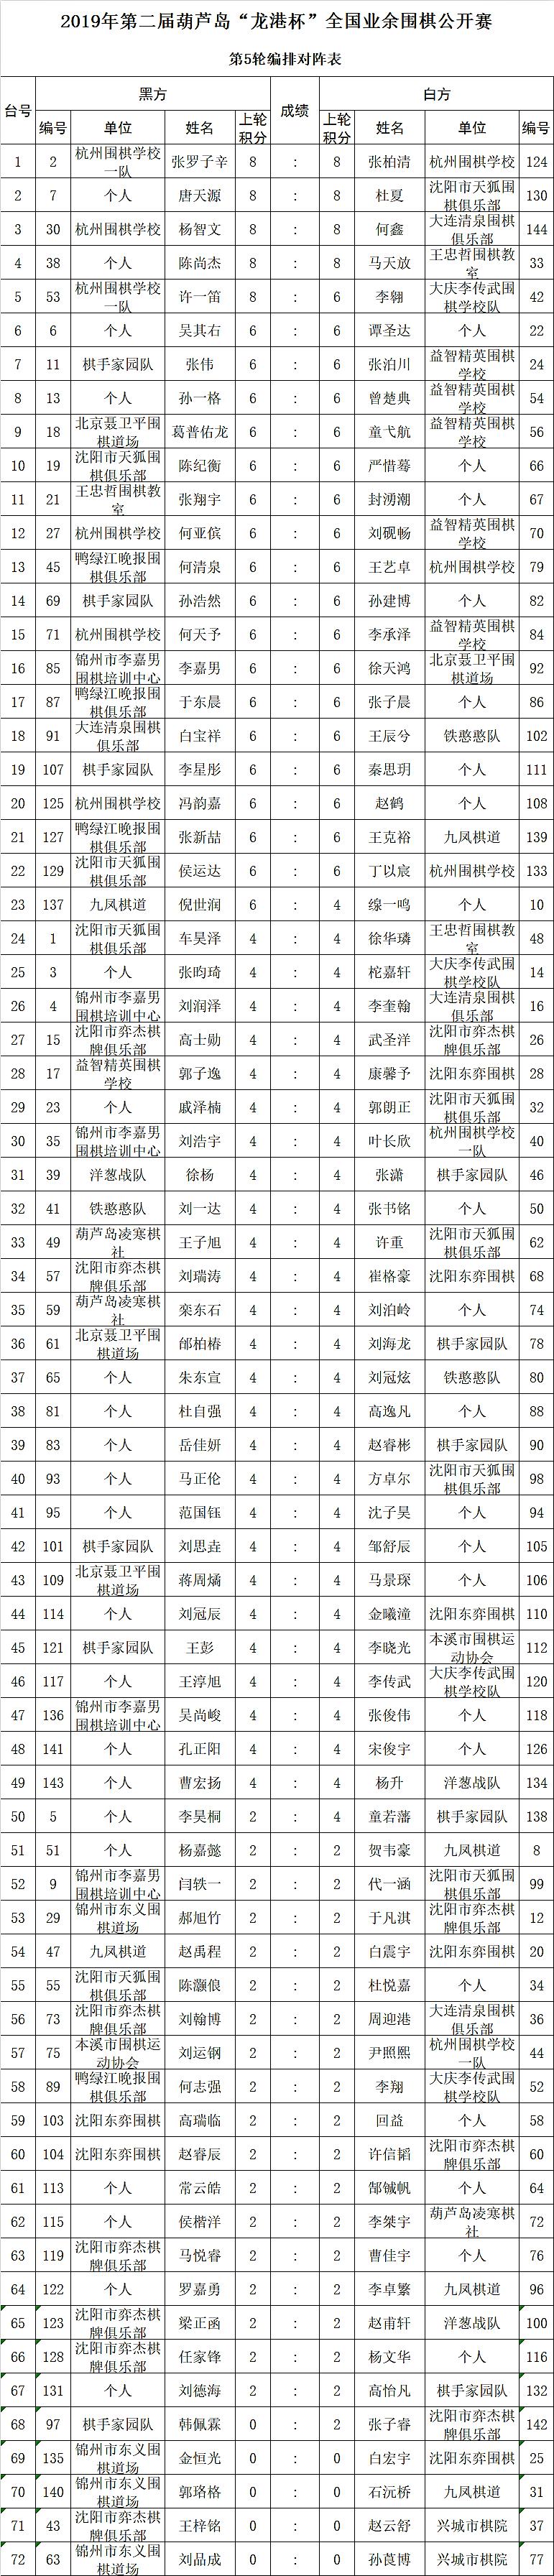 龙港杯第五轮对阵.png